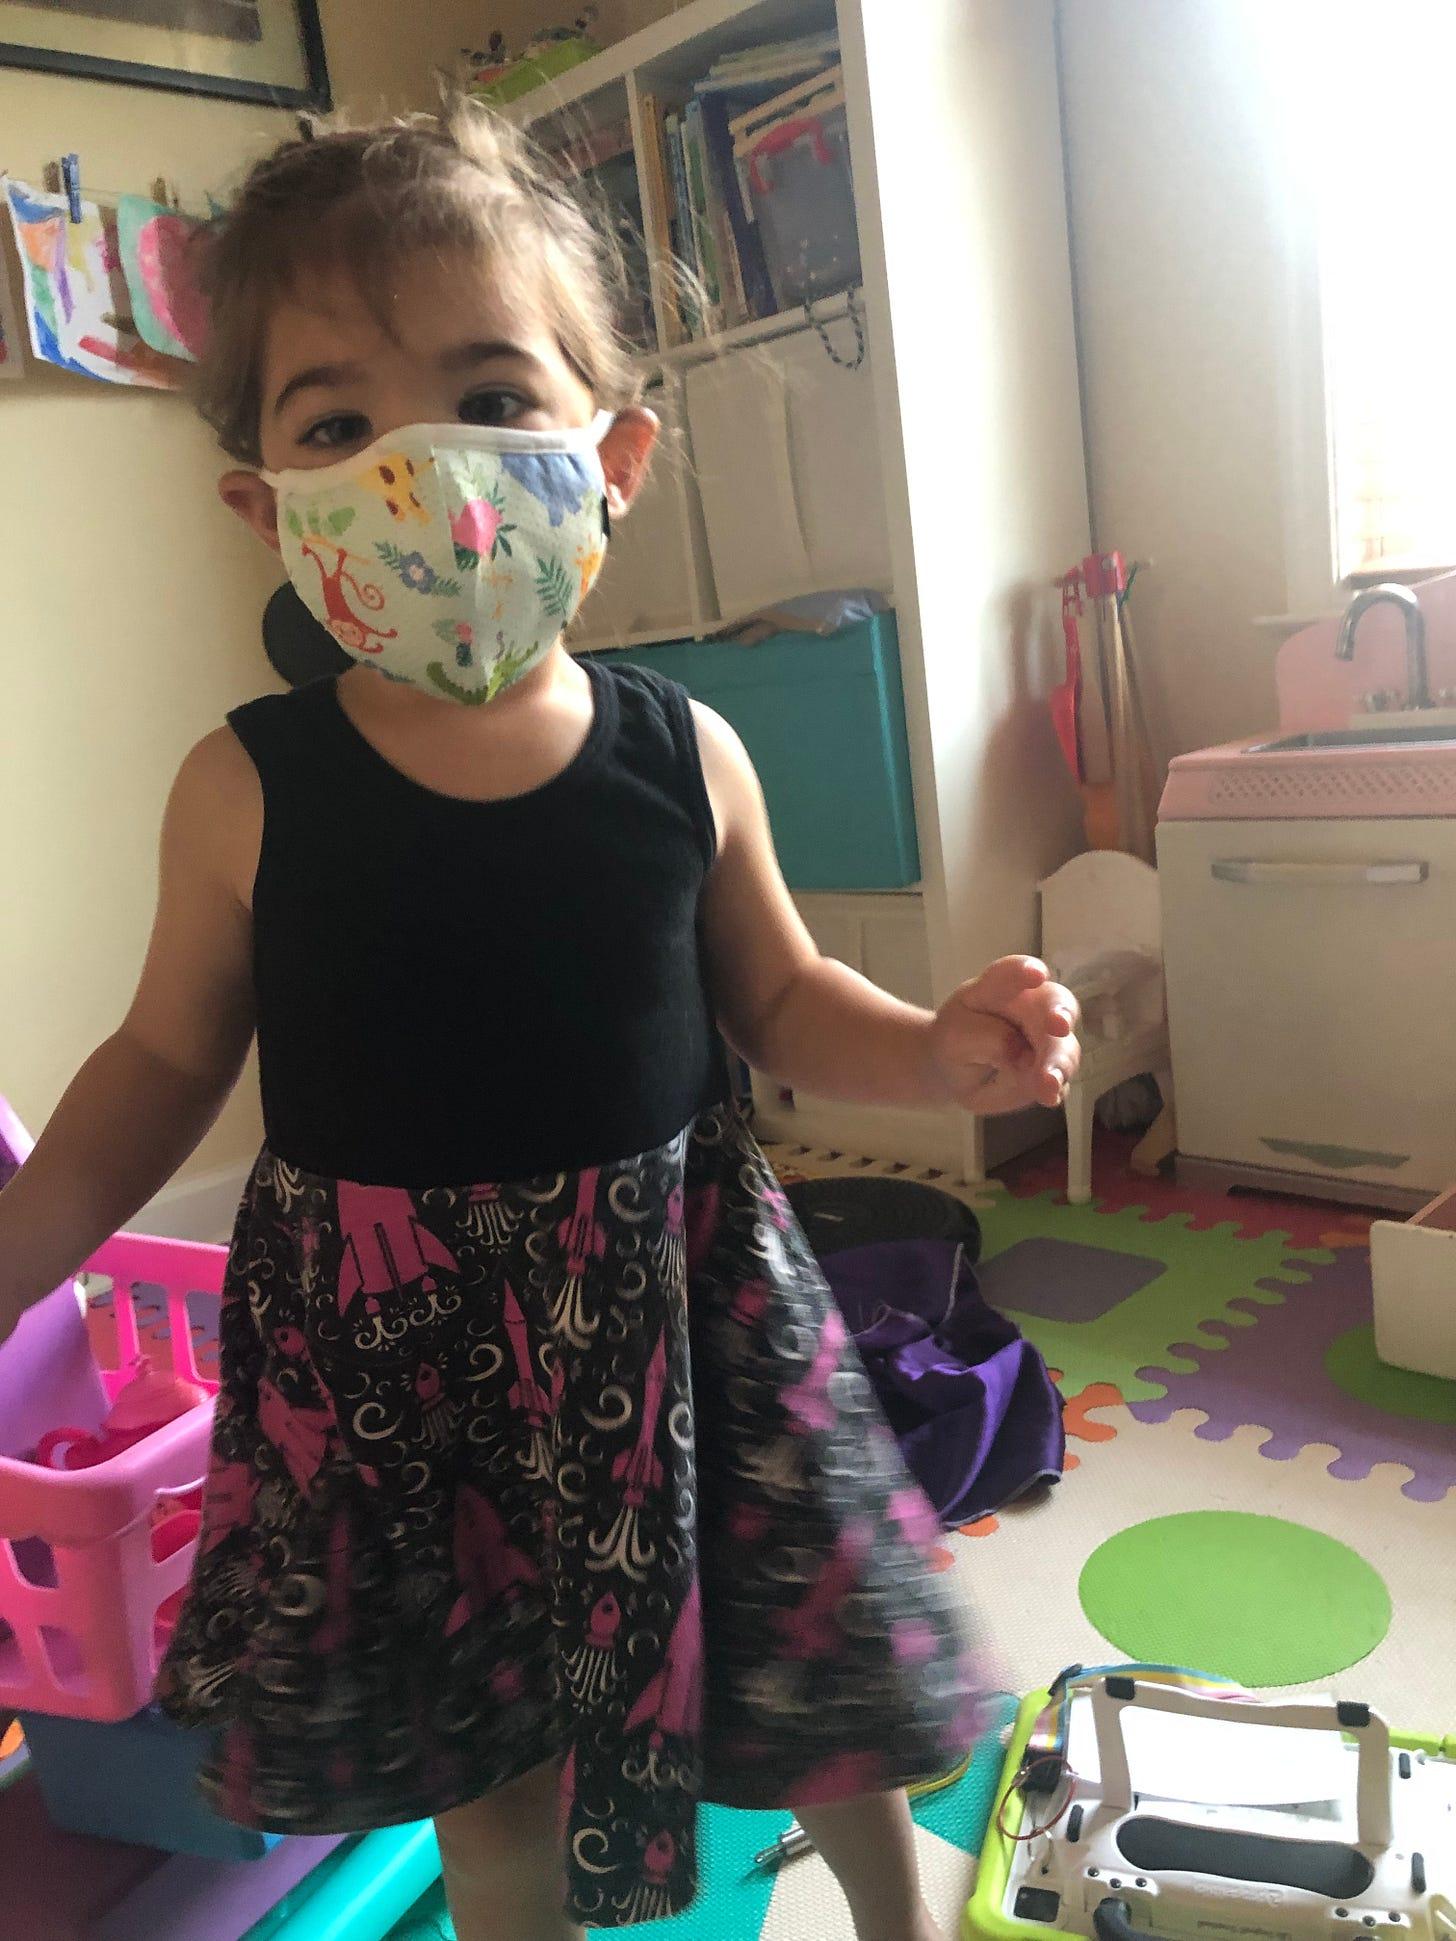 Photo of Lila wearing a mask.